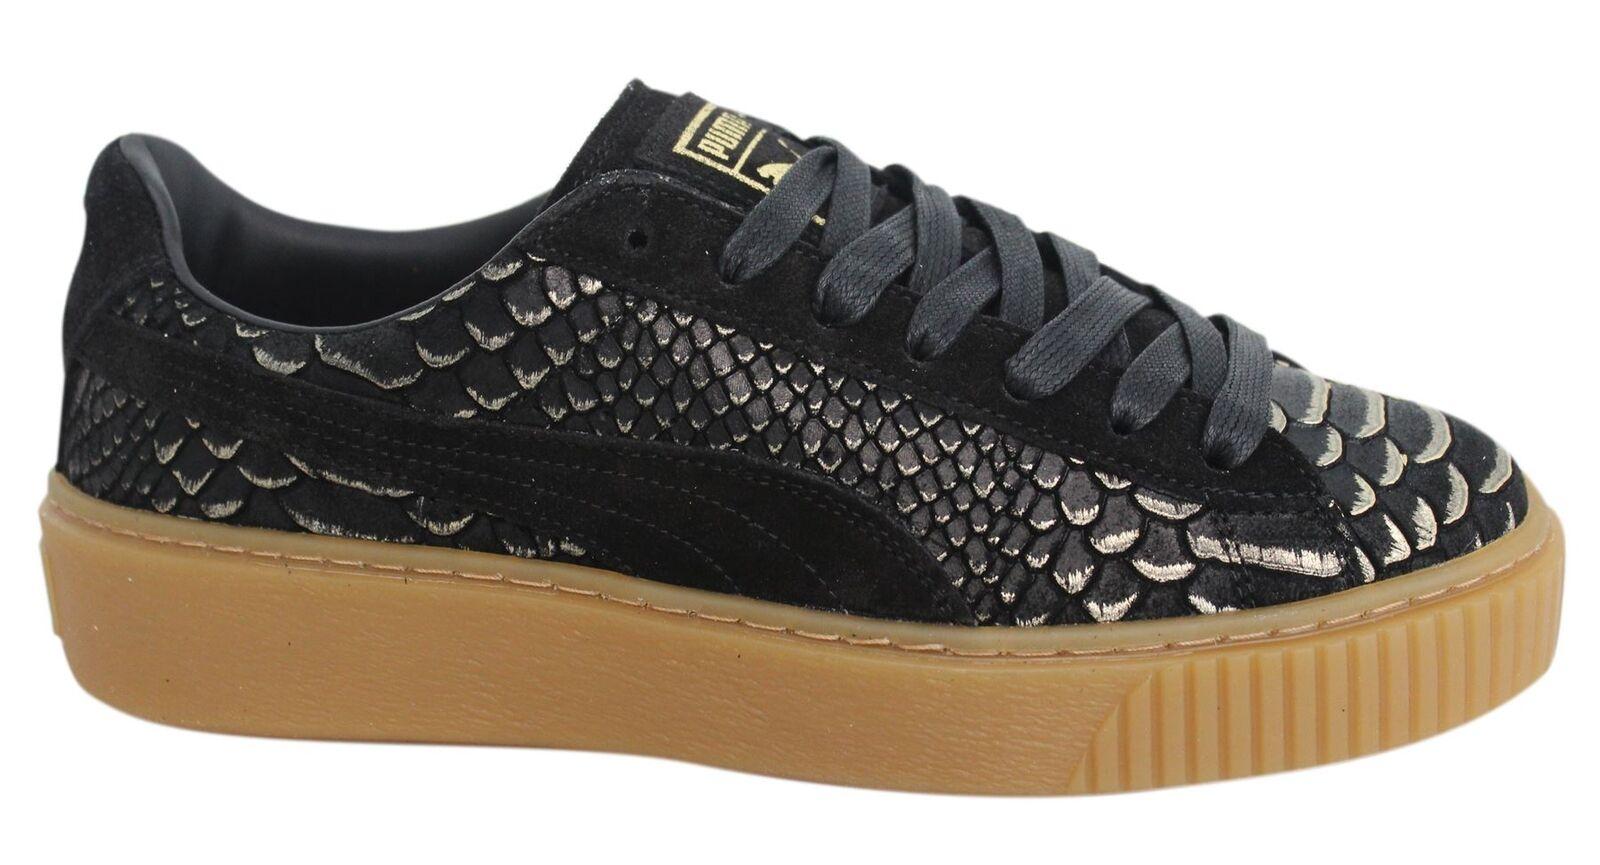 Puma plataforma exotic skin schnürzapatos negro de cuero zapatillas de deporte 363377 01 m11